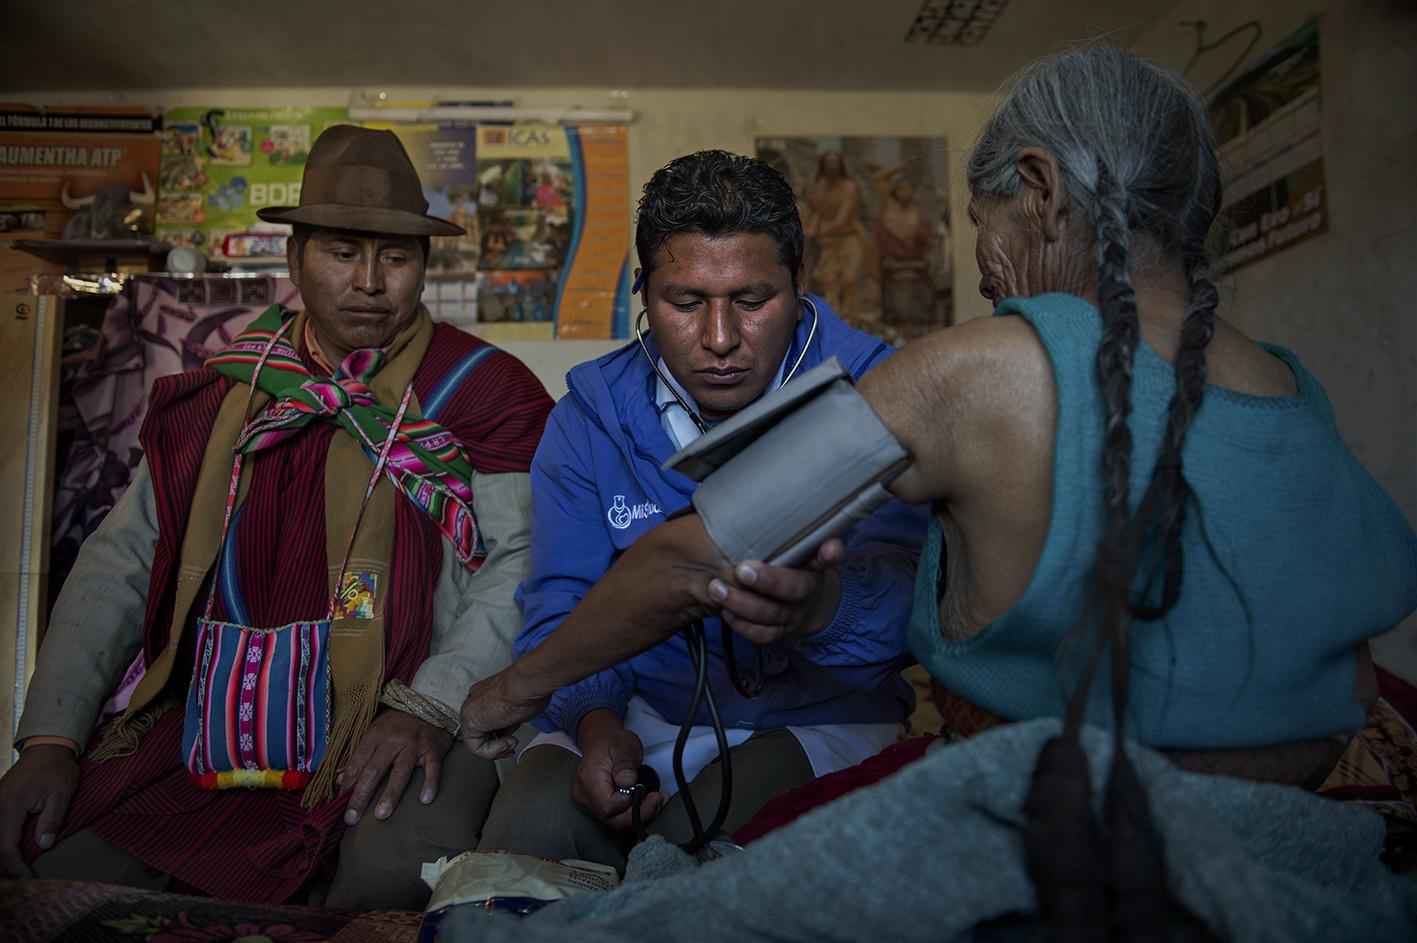 Como parte de la interconsulta el Médico Académico le toma la presión a la paciente. Reportaje gráfico: Miguel Lizana, AECID.